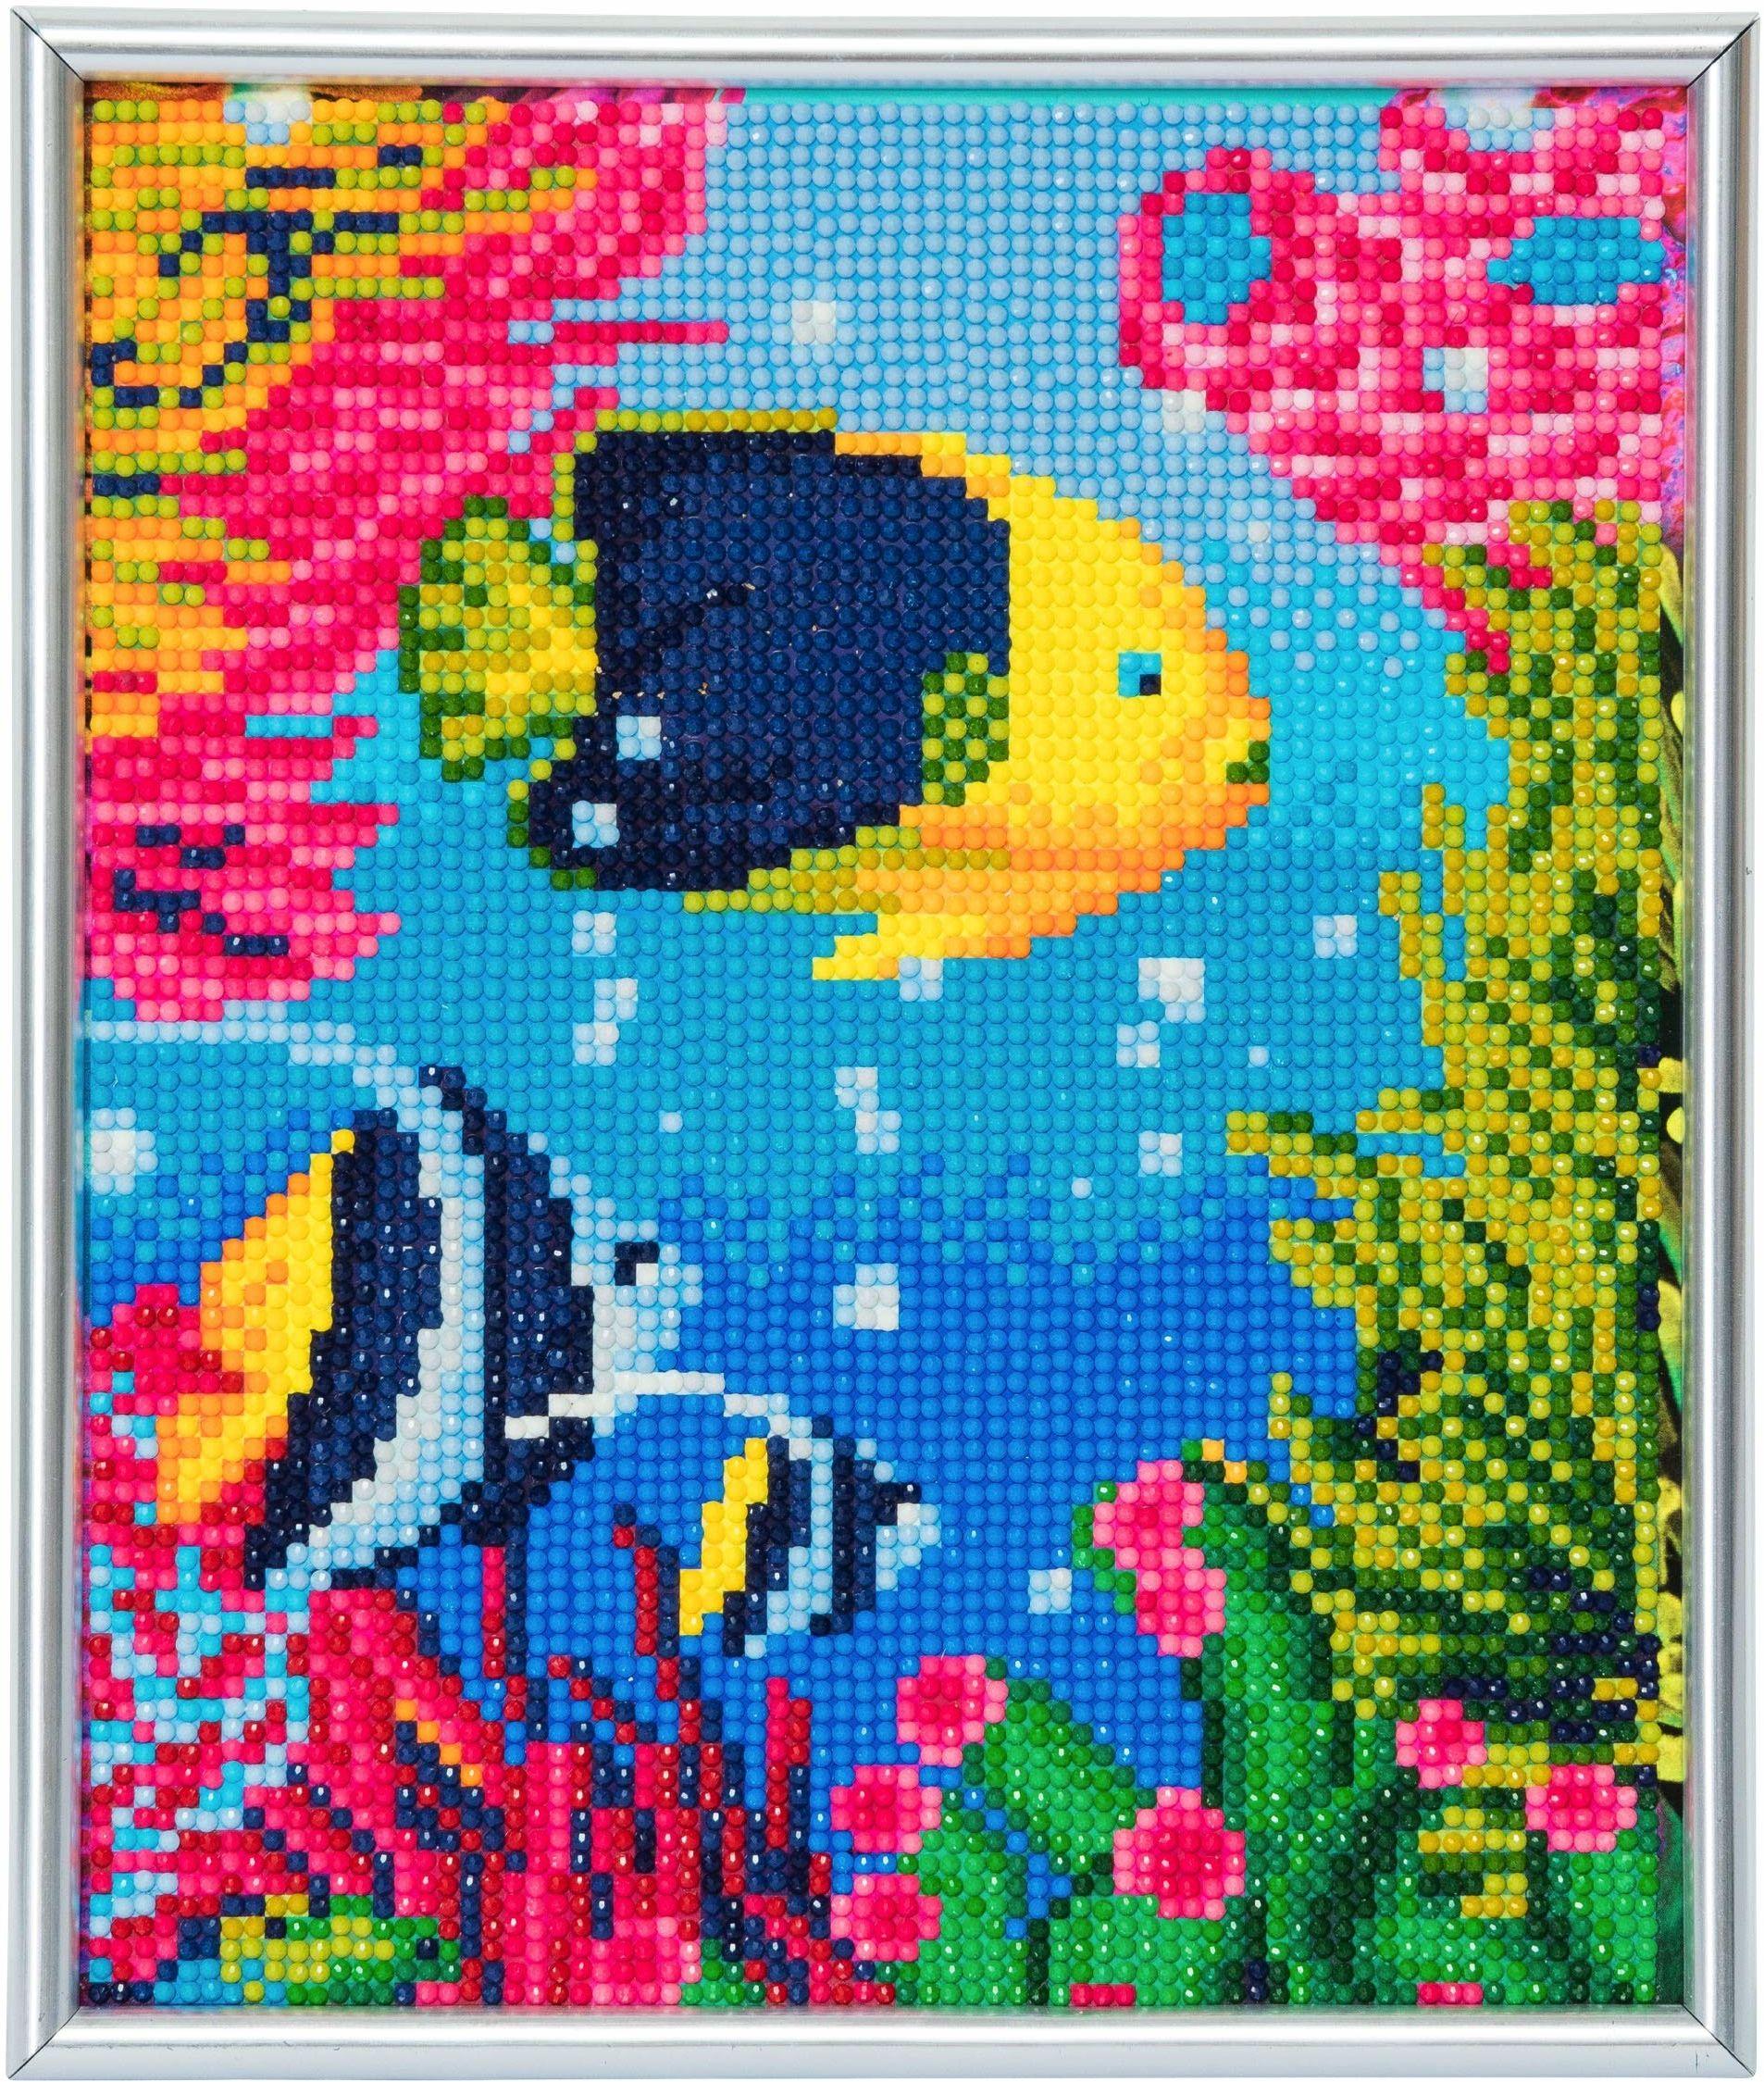 Crystal Art CAM-17 tropikalne ryby, 21 x 25 cm, ramka na zdjęcia, kryształy, zestaw ze srebrną ramą, wielokolorowy